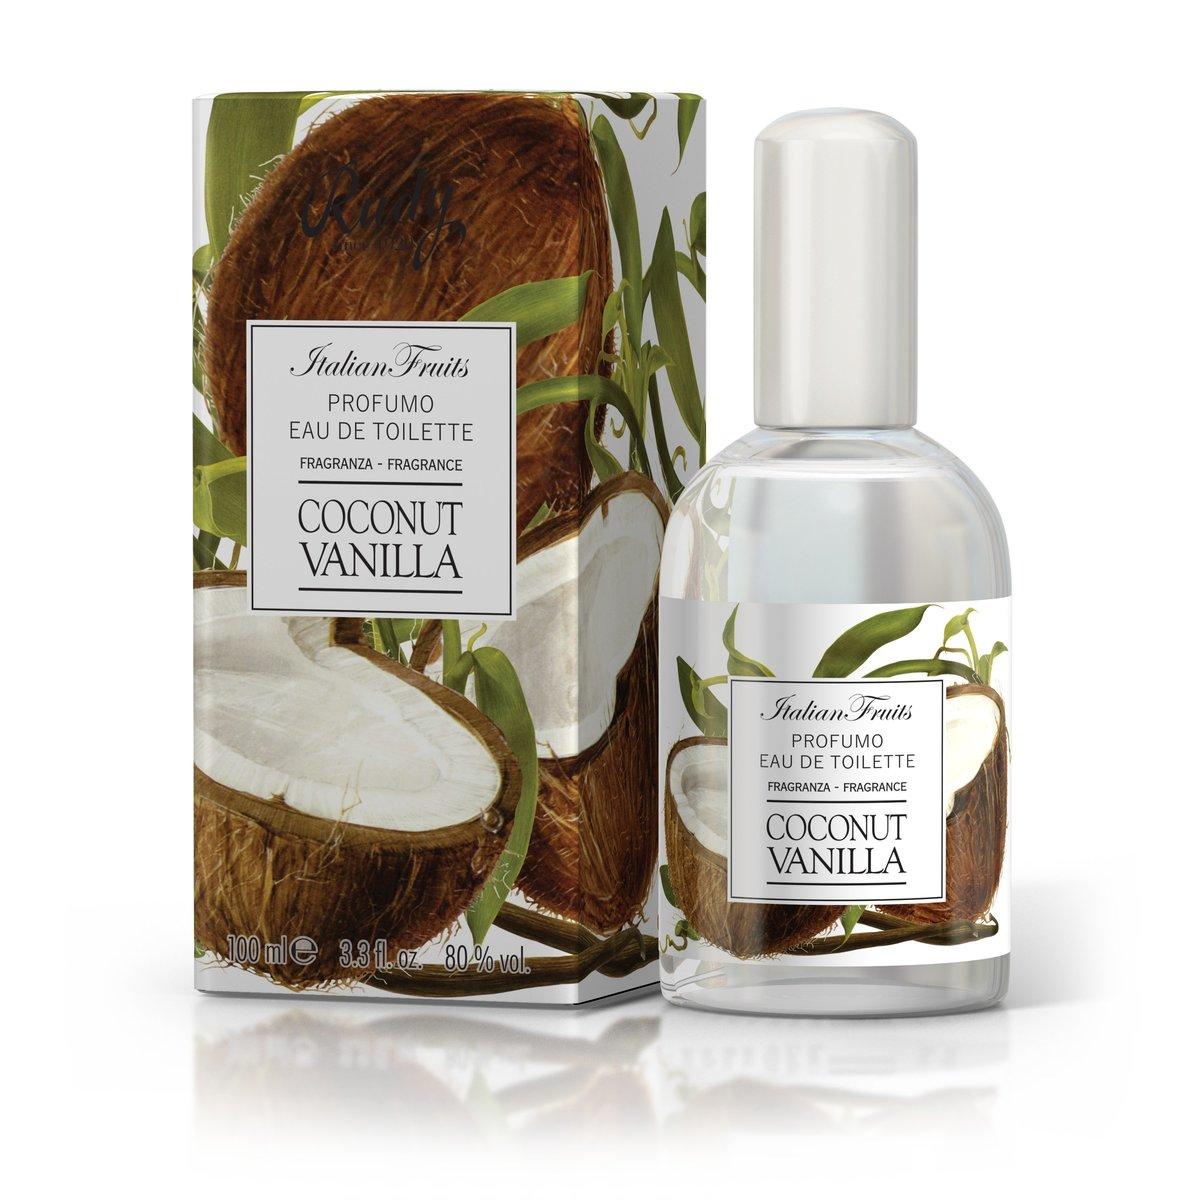 意大利水果-椰子雲里拿香水